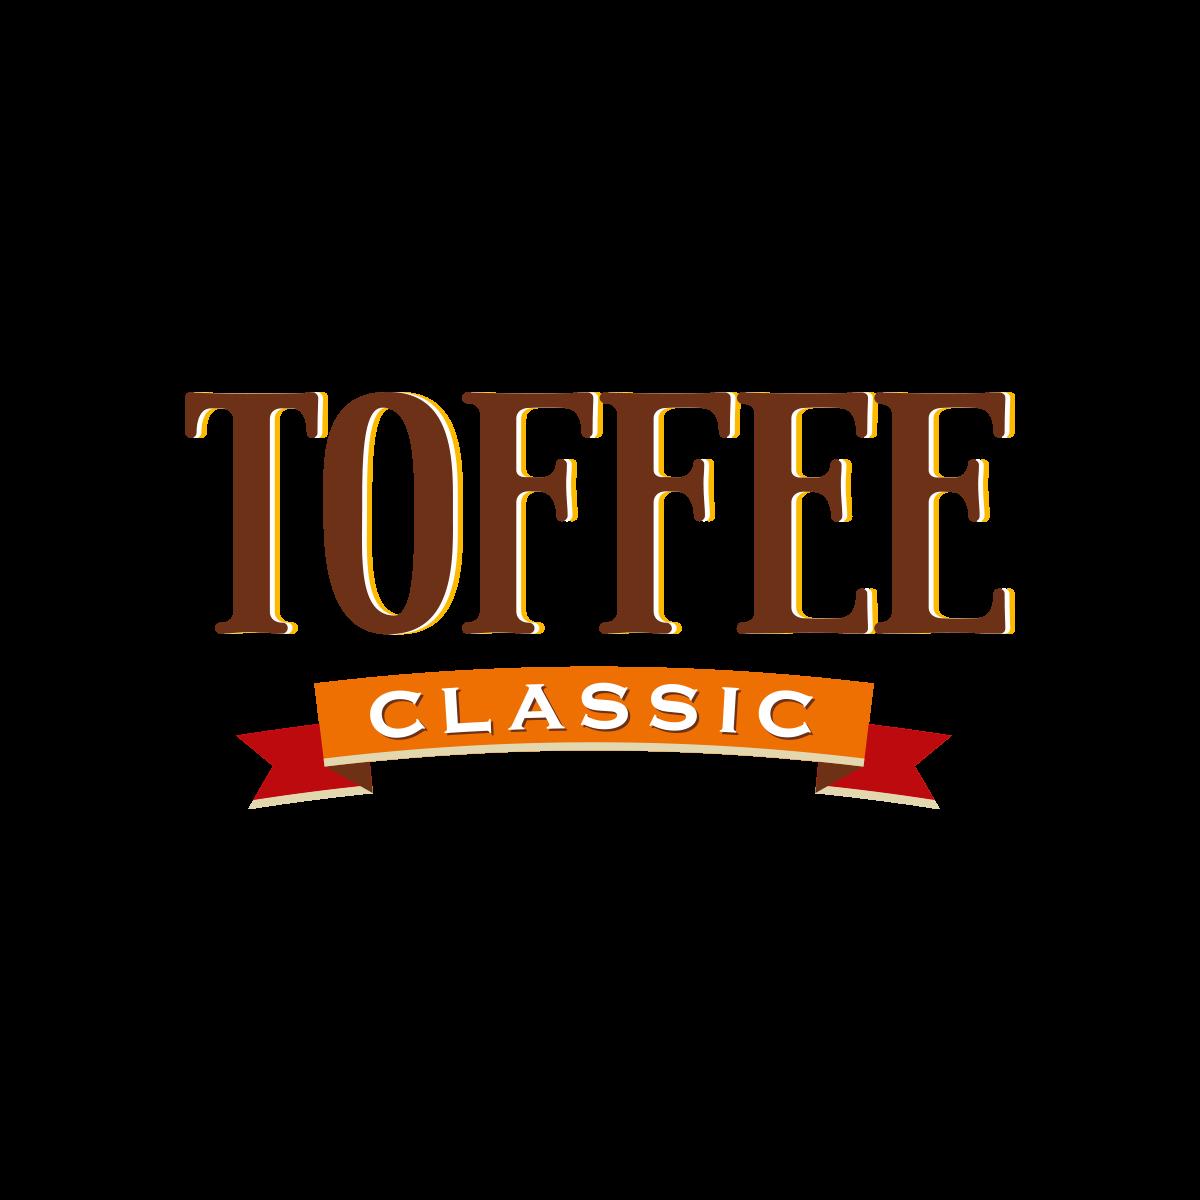 toffee_nazwa